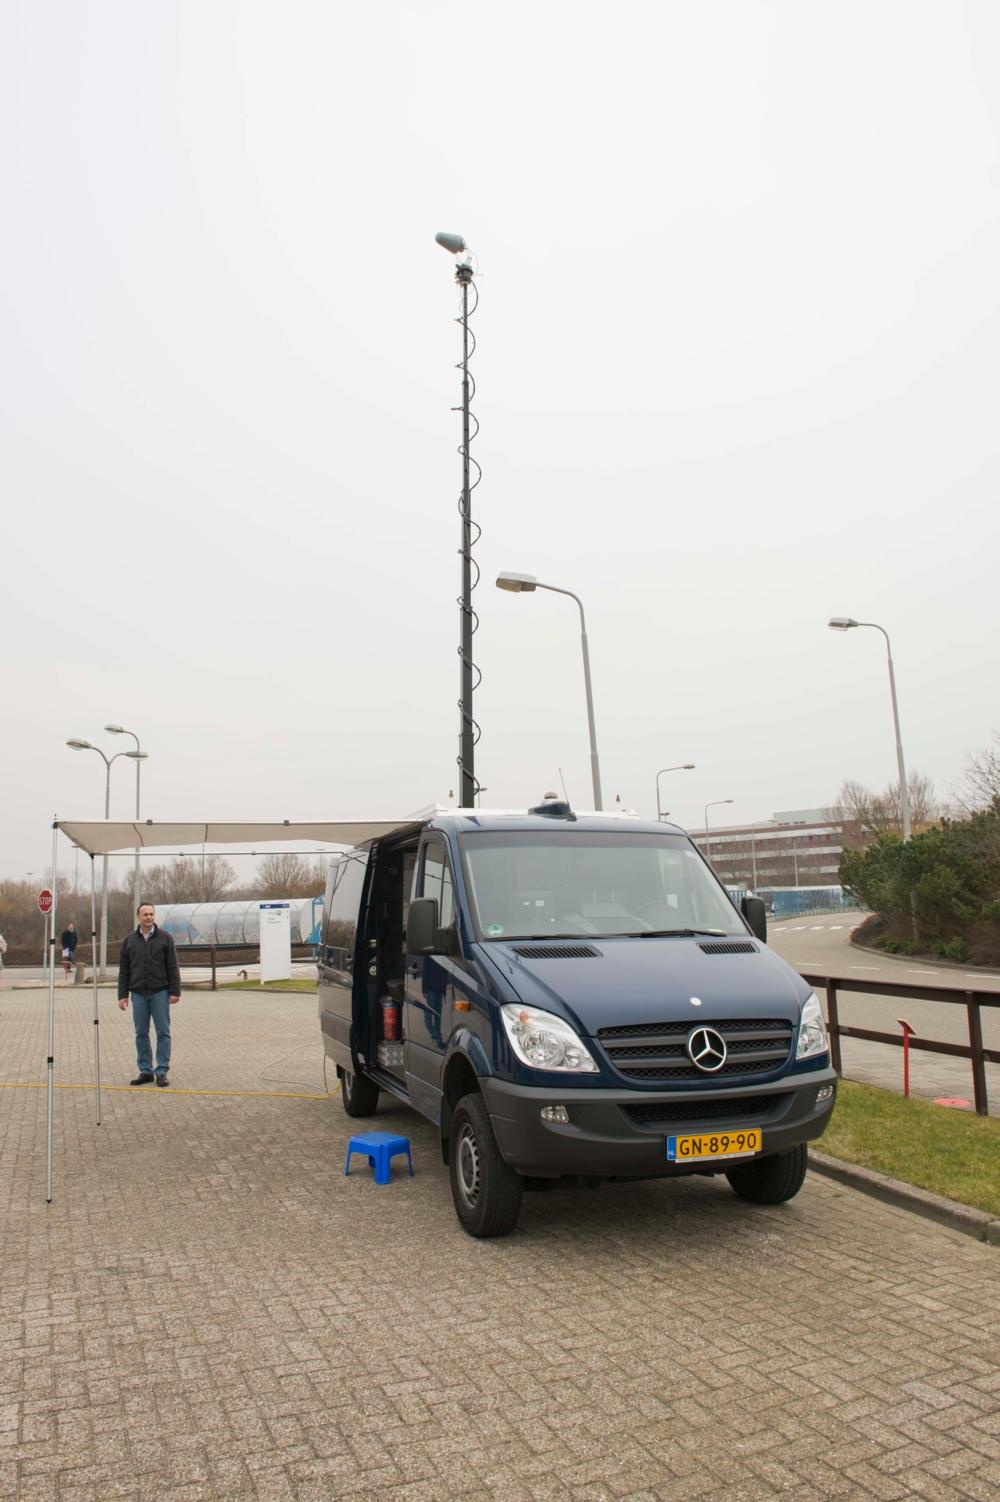 ESAs spesialutstyrte bil for å teste navigasjonssignaler fra Galileo i by og gater. Foto: ESA